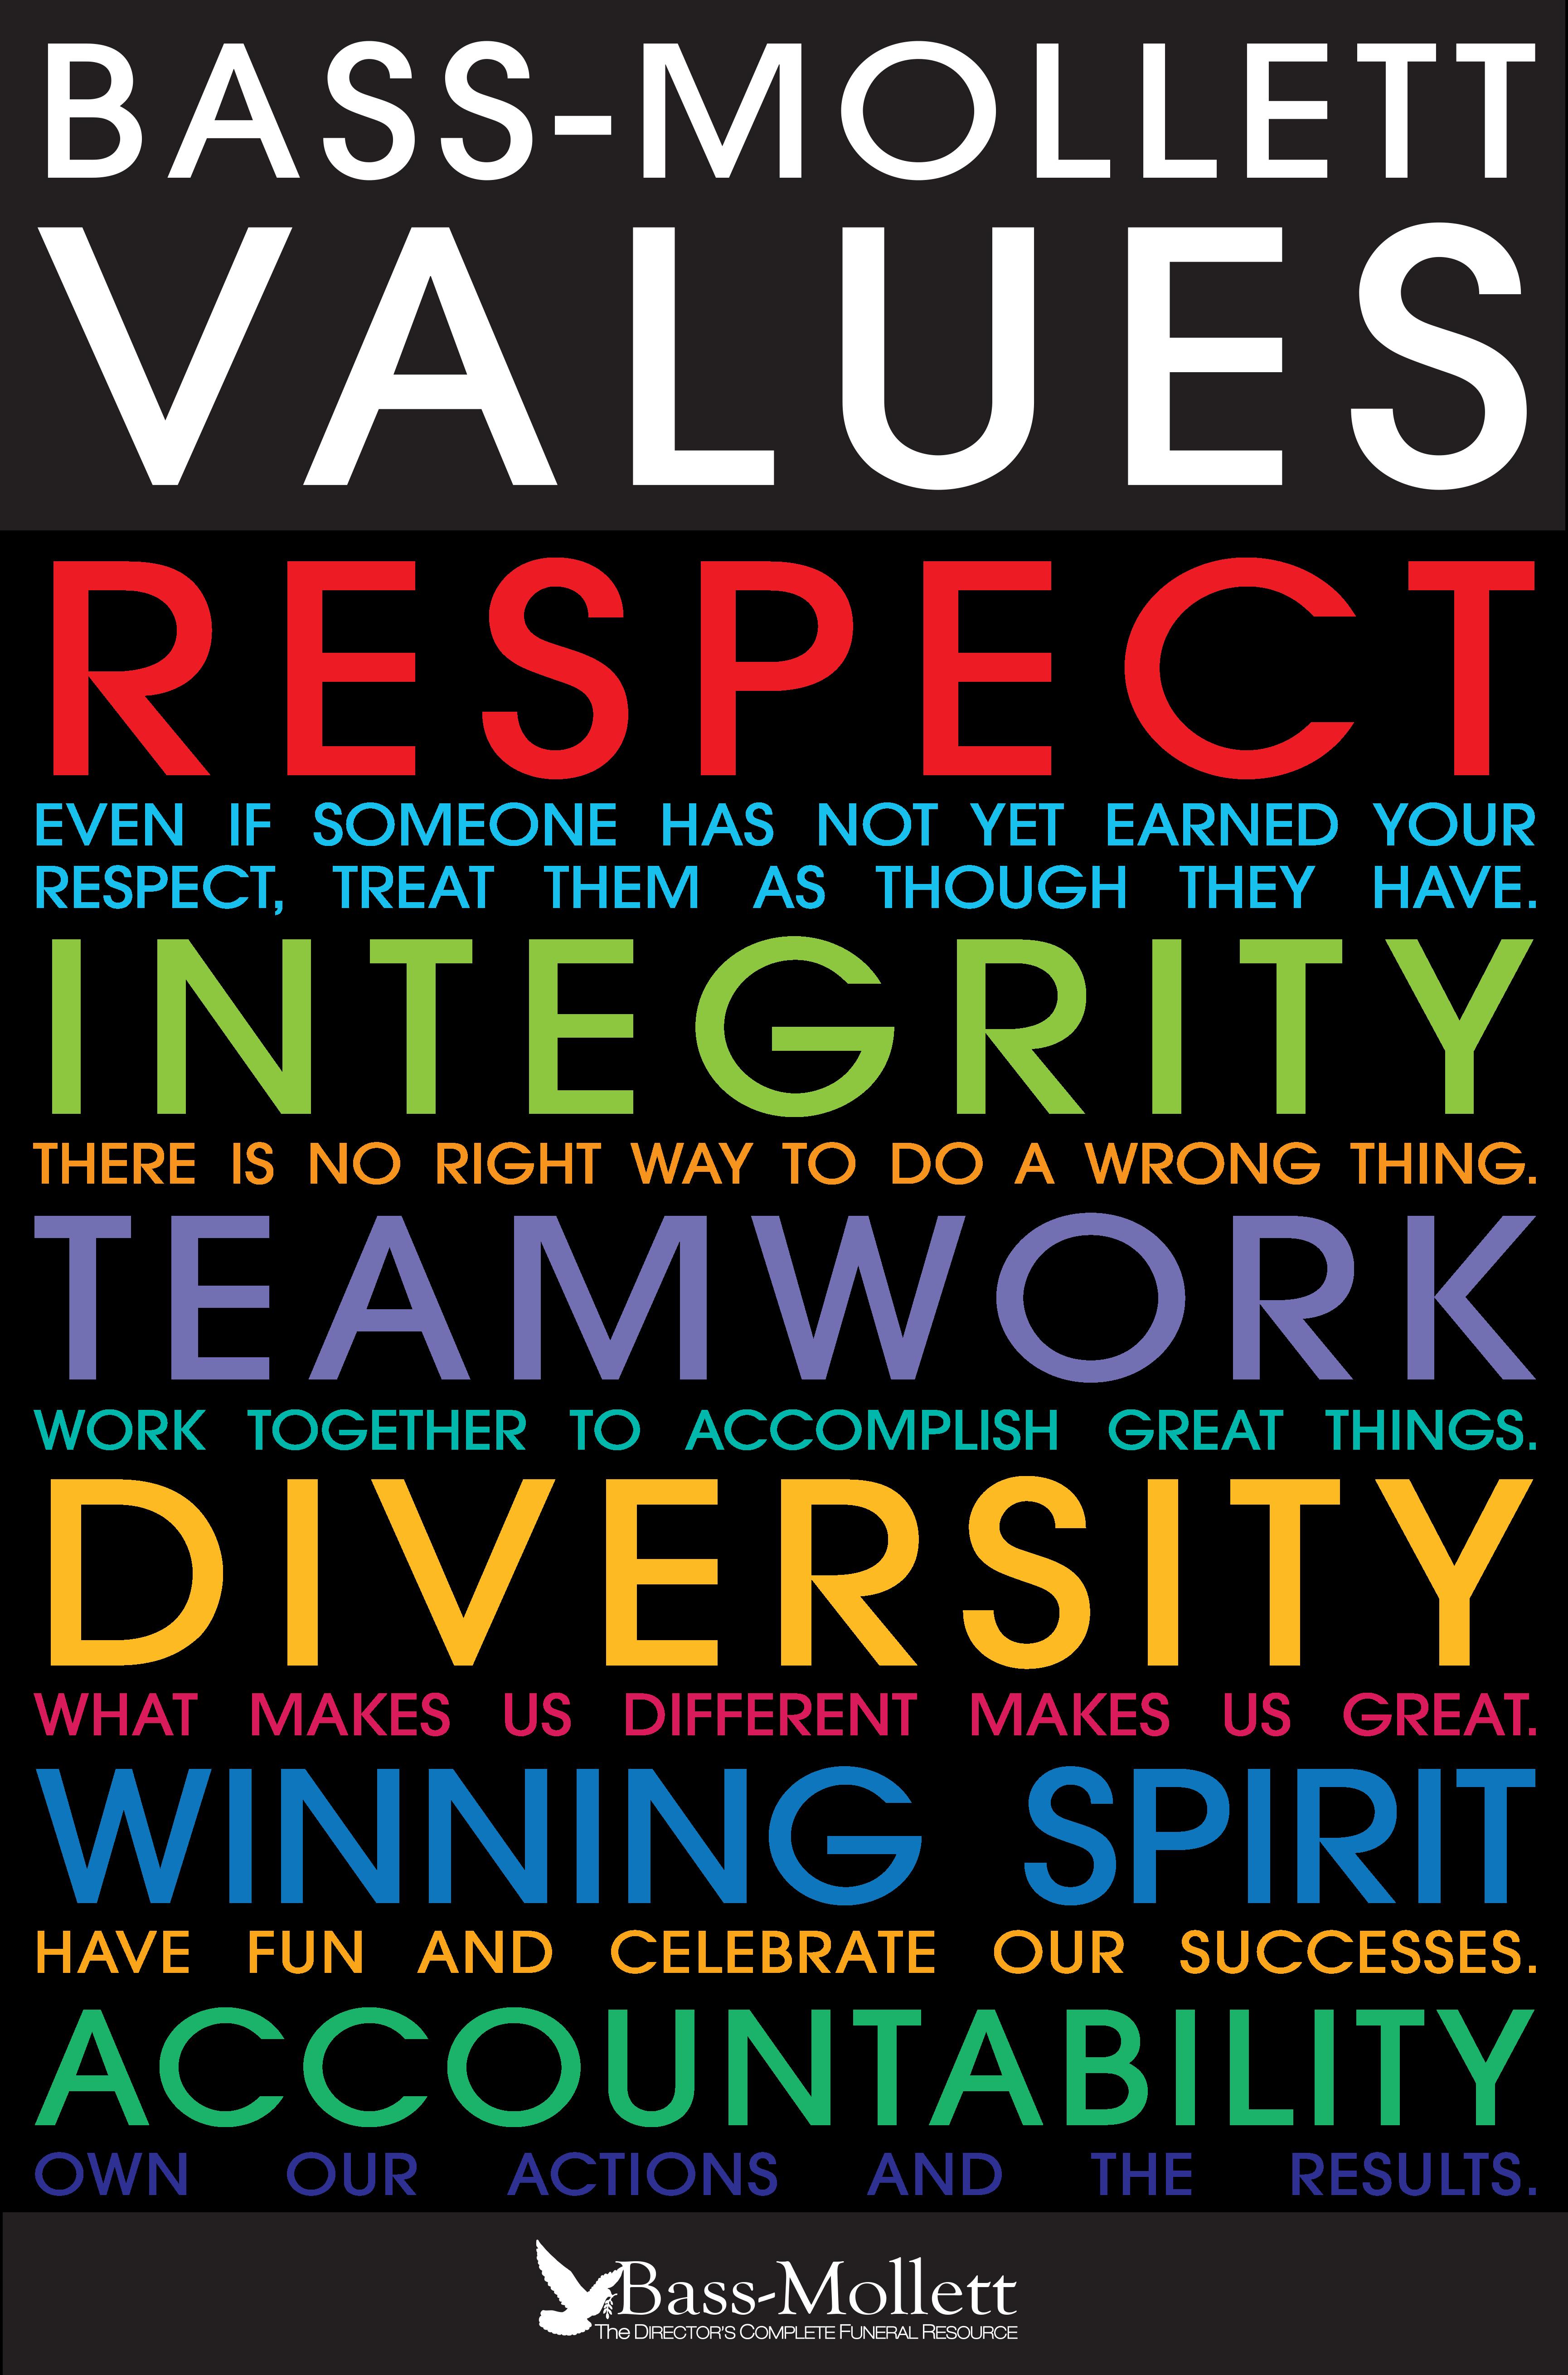 Bass-Mollett Values